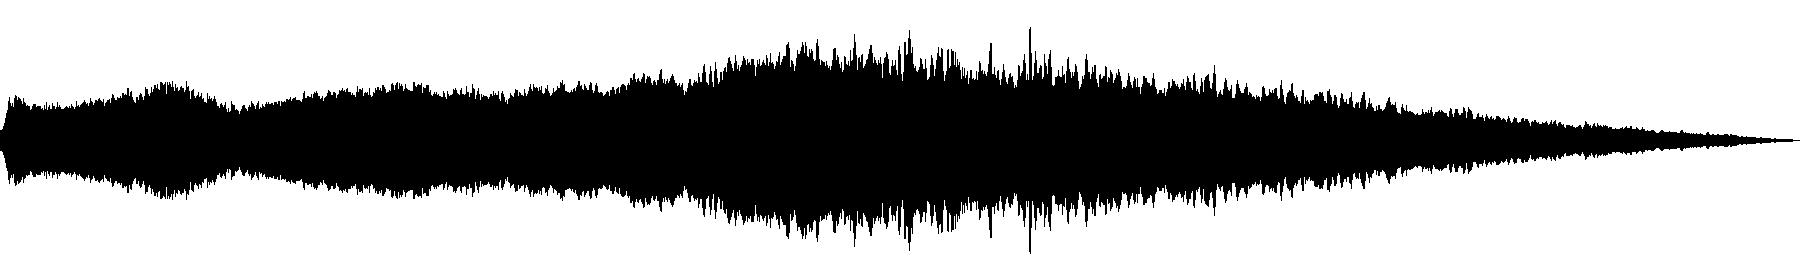 bluezone xworld sound 007